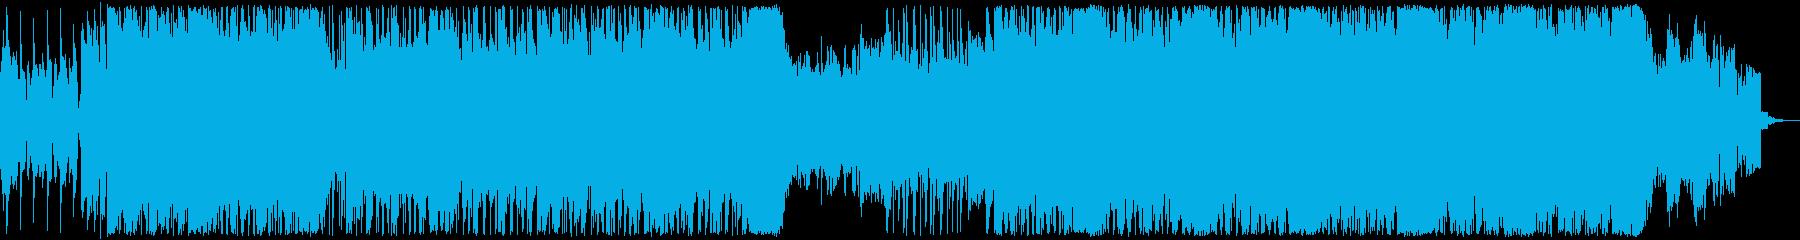 パンク インディーズ ロック ポッ...の再生済みの波形